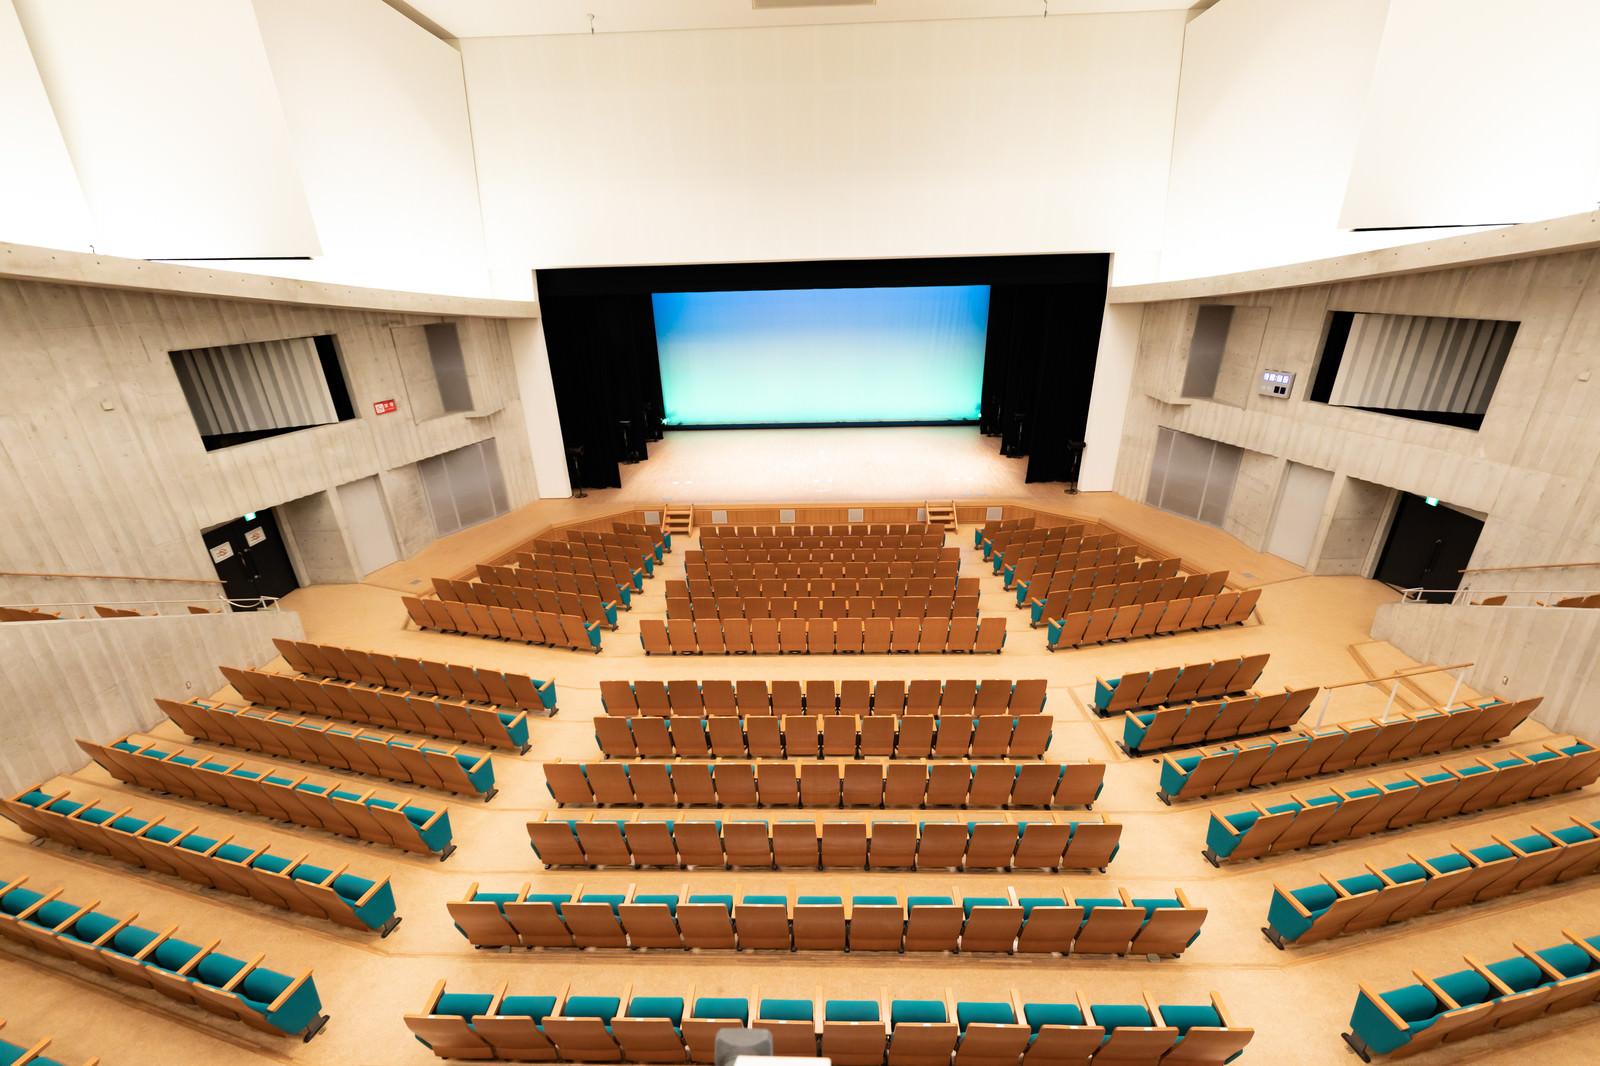 「とぎつカナリーホール(2階席から)」の写真